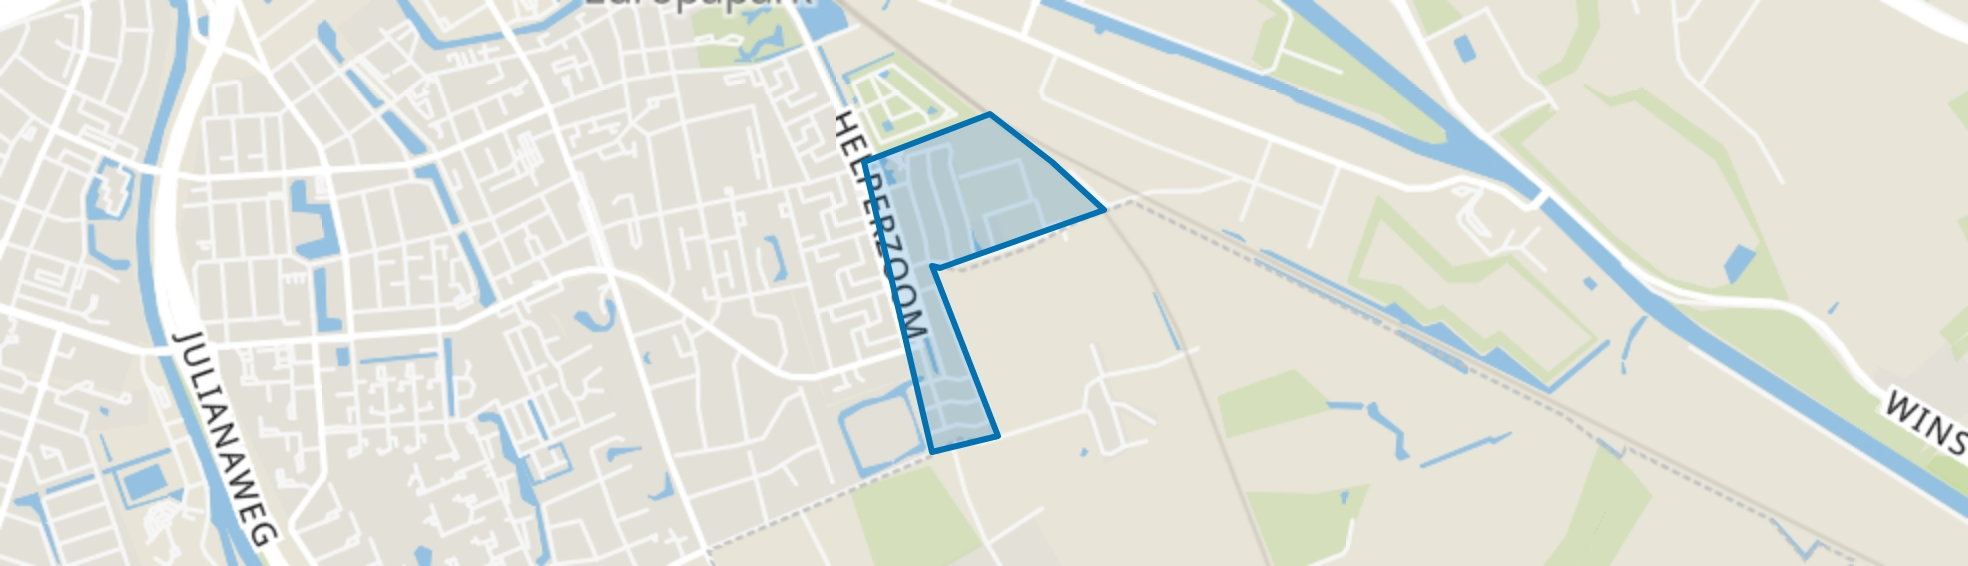 Klein Martijn, Groningen map